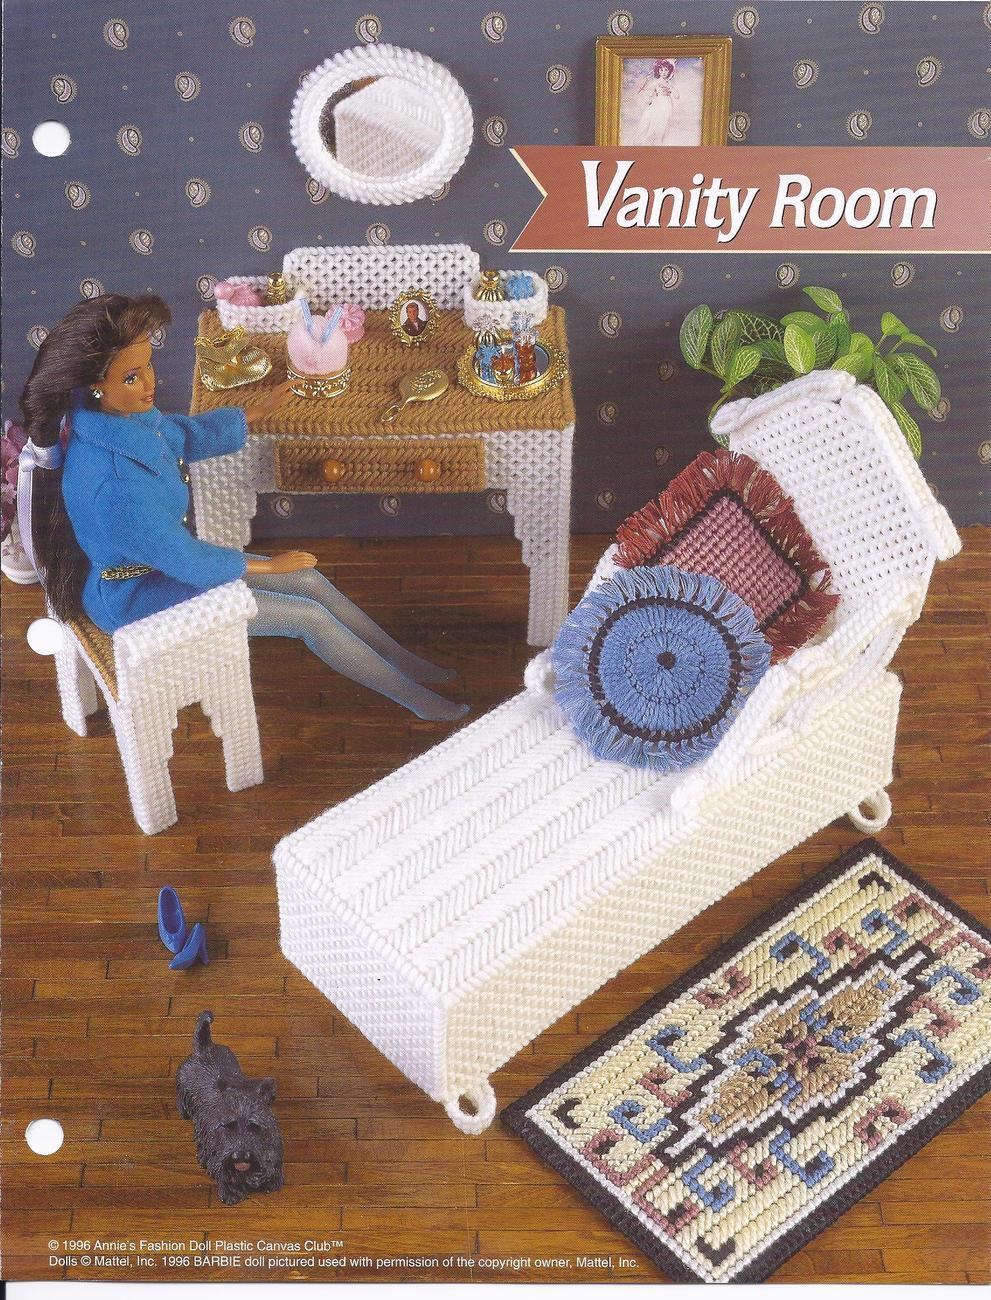 Vanity Room Fashion Doll Plastic Canvas PatternAnnies  : plasticcanvas103 from bonanza.com size 991 x 1300 jpeg 311kB